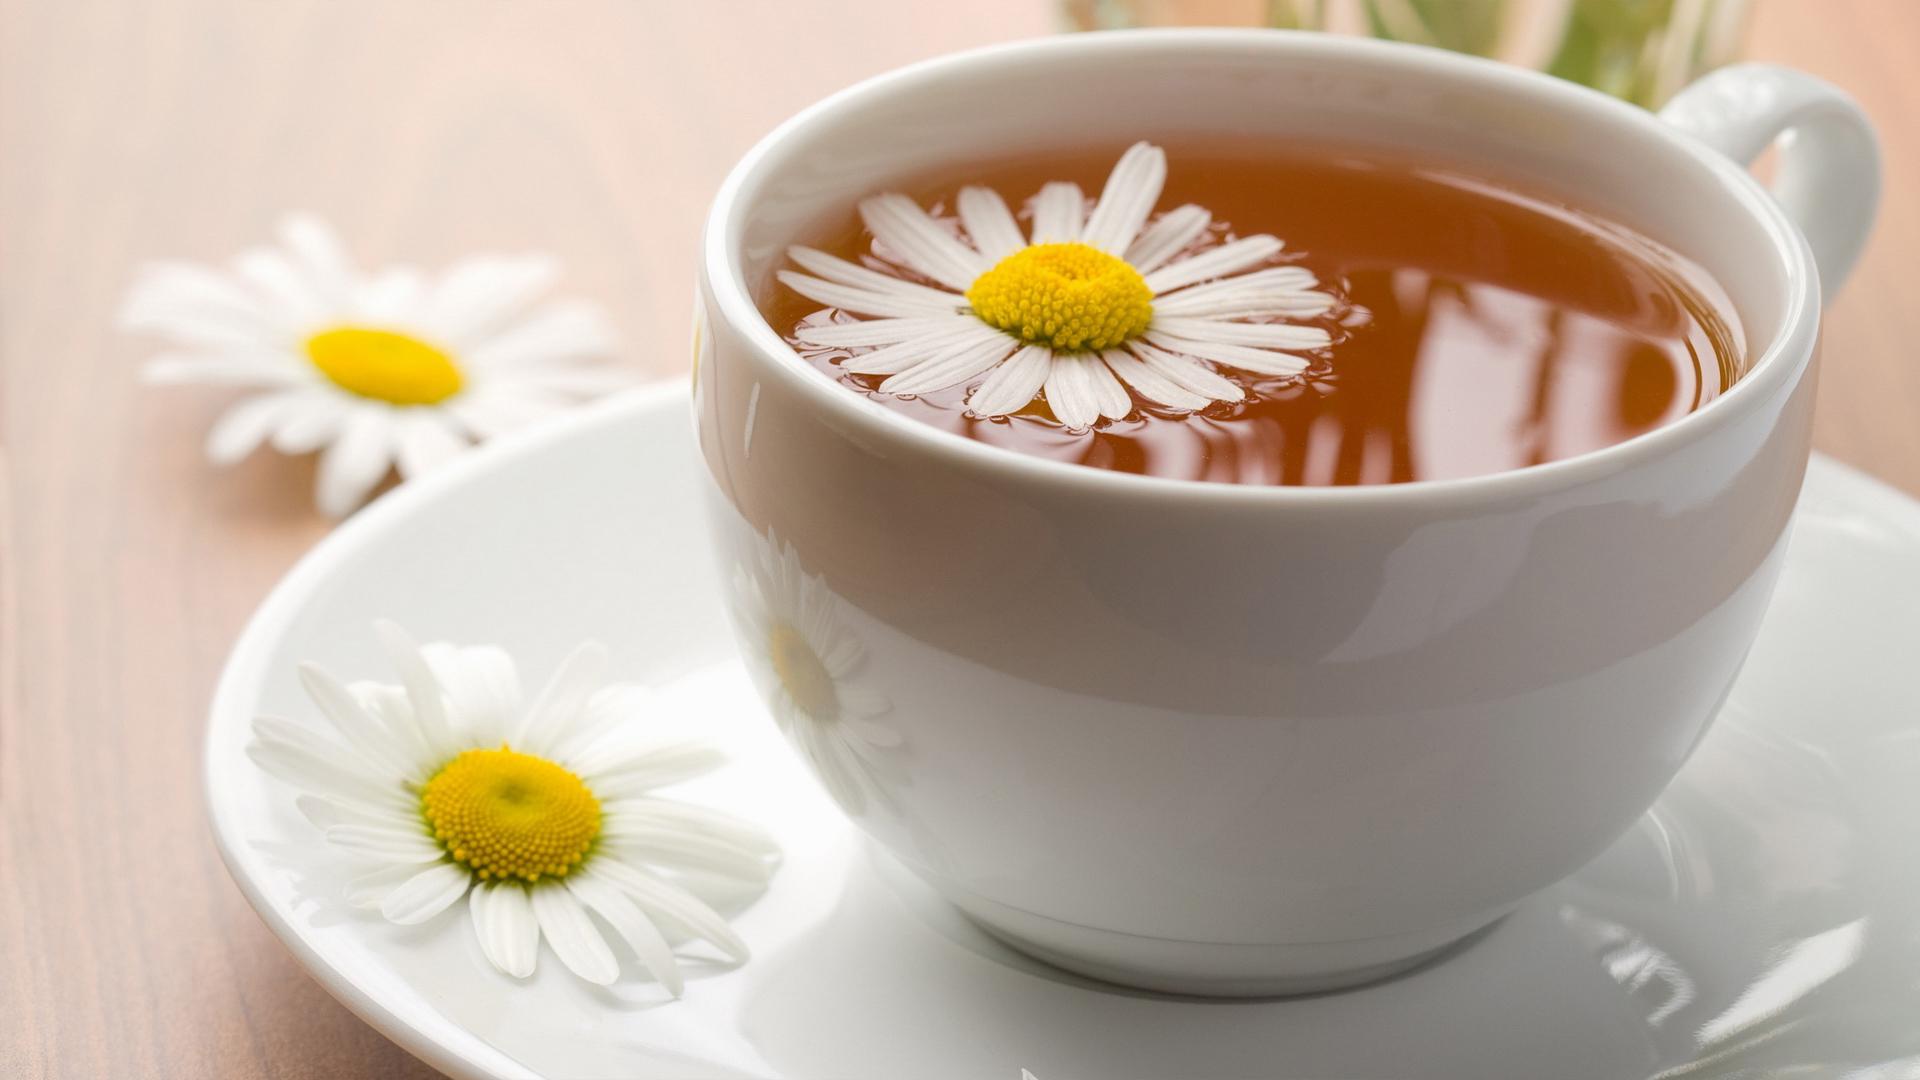 позы можно ли пить лаванду как чай удивление ждало